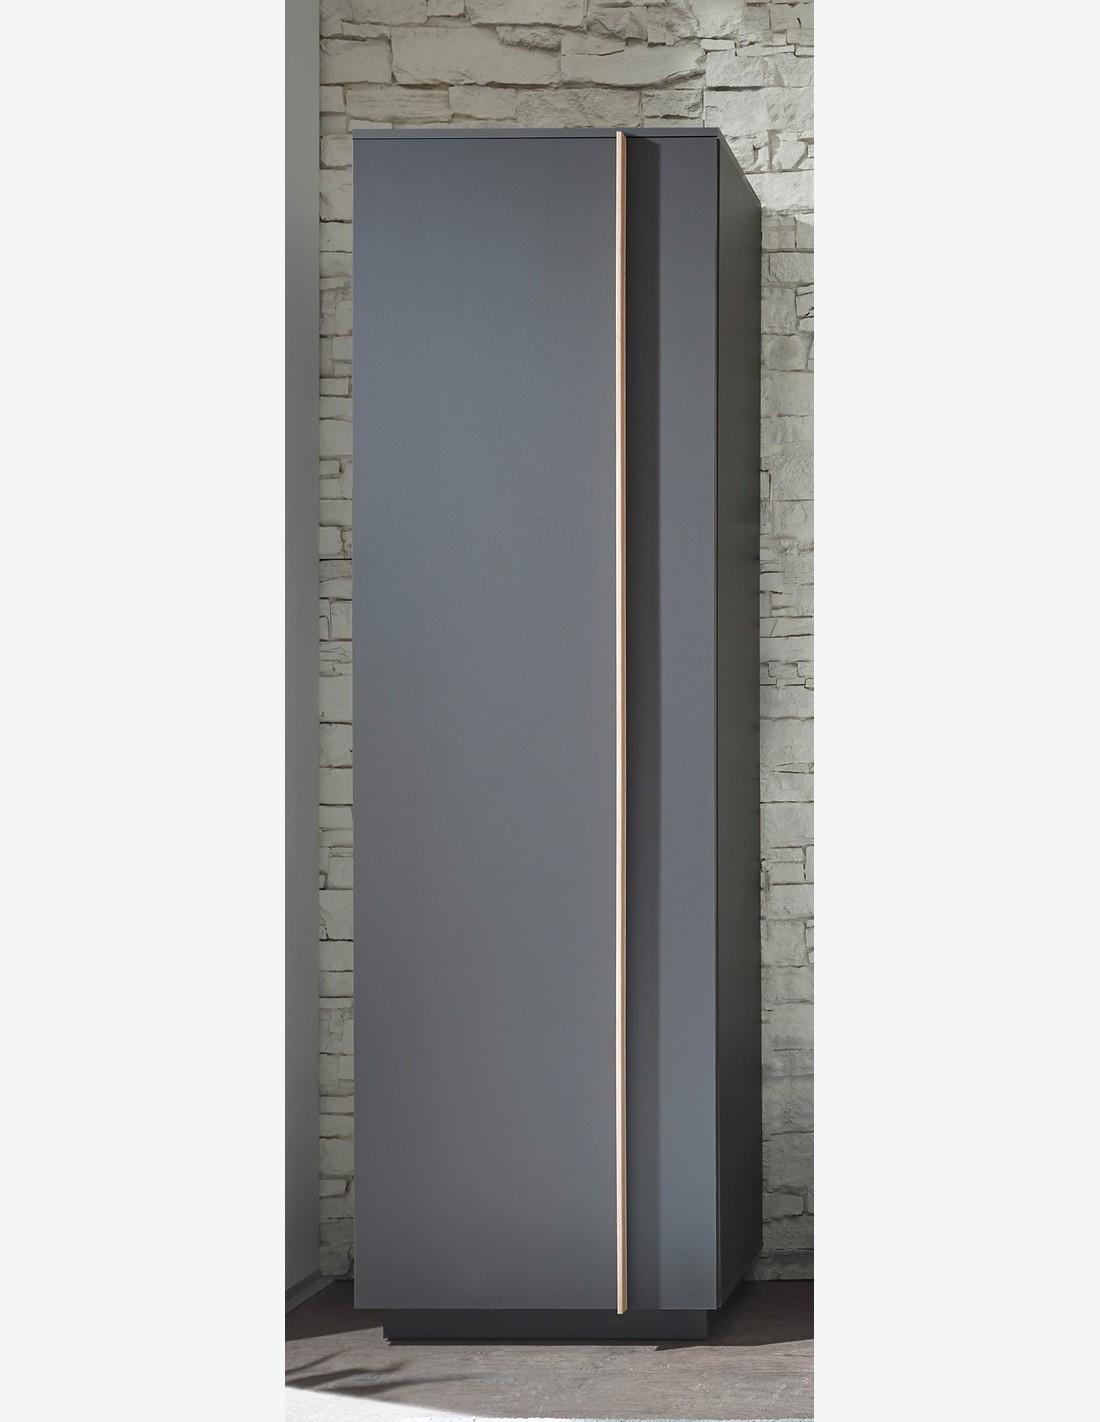 banjul - avantishop, Wohnzimmer dekoo